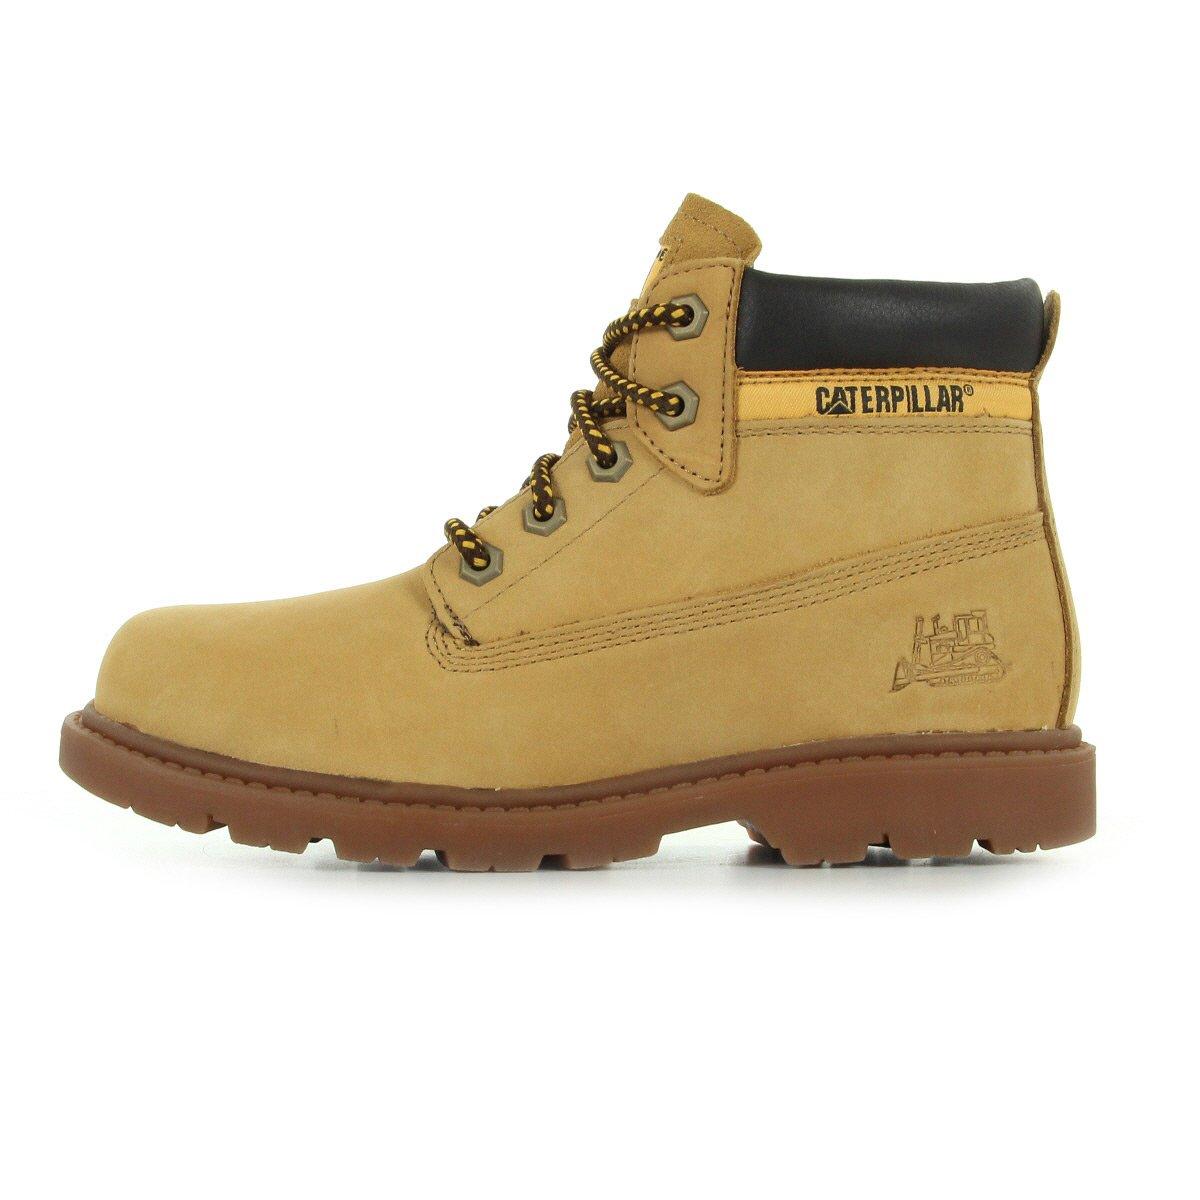 d306a6bab29c35 Caterpillar Colorado Plus P102035, Boots: Amazon.co.uk: Shoes & Bags